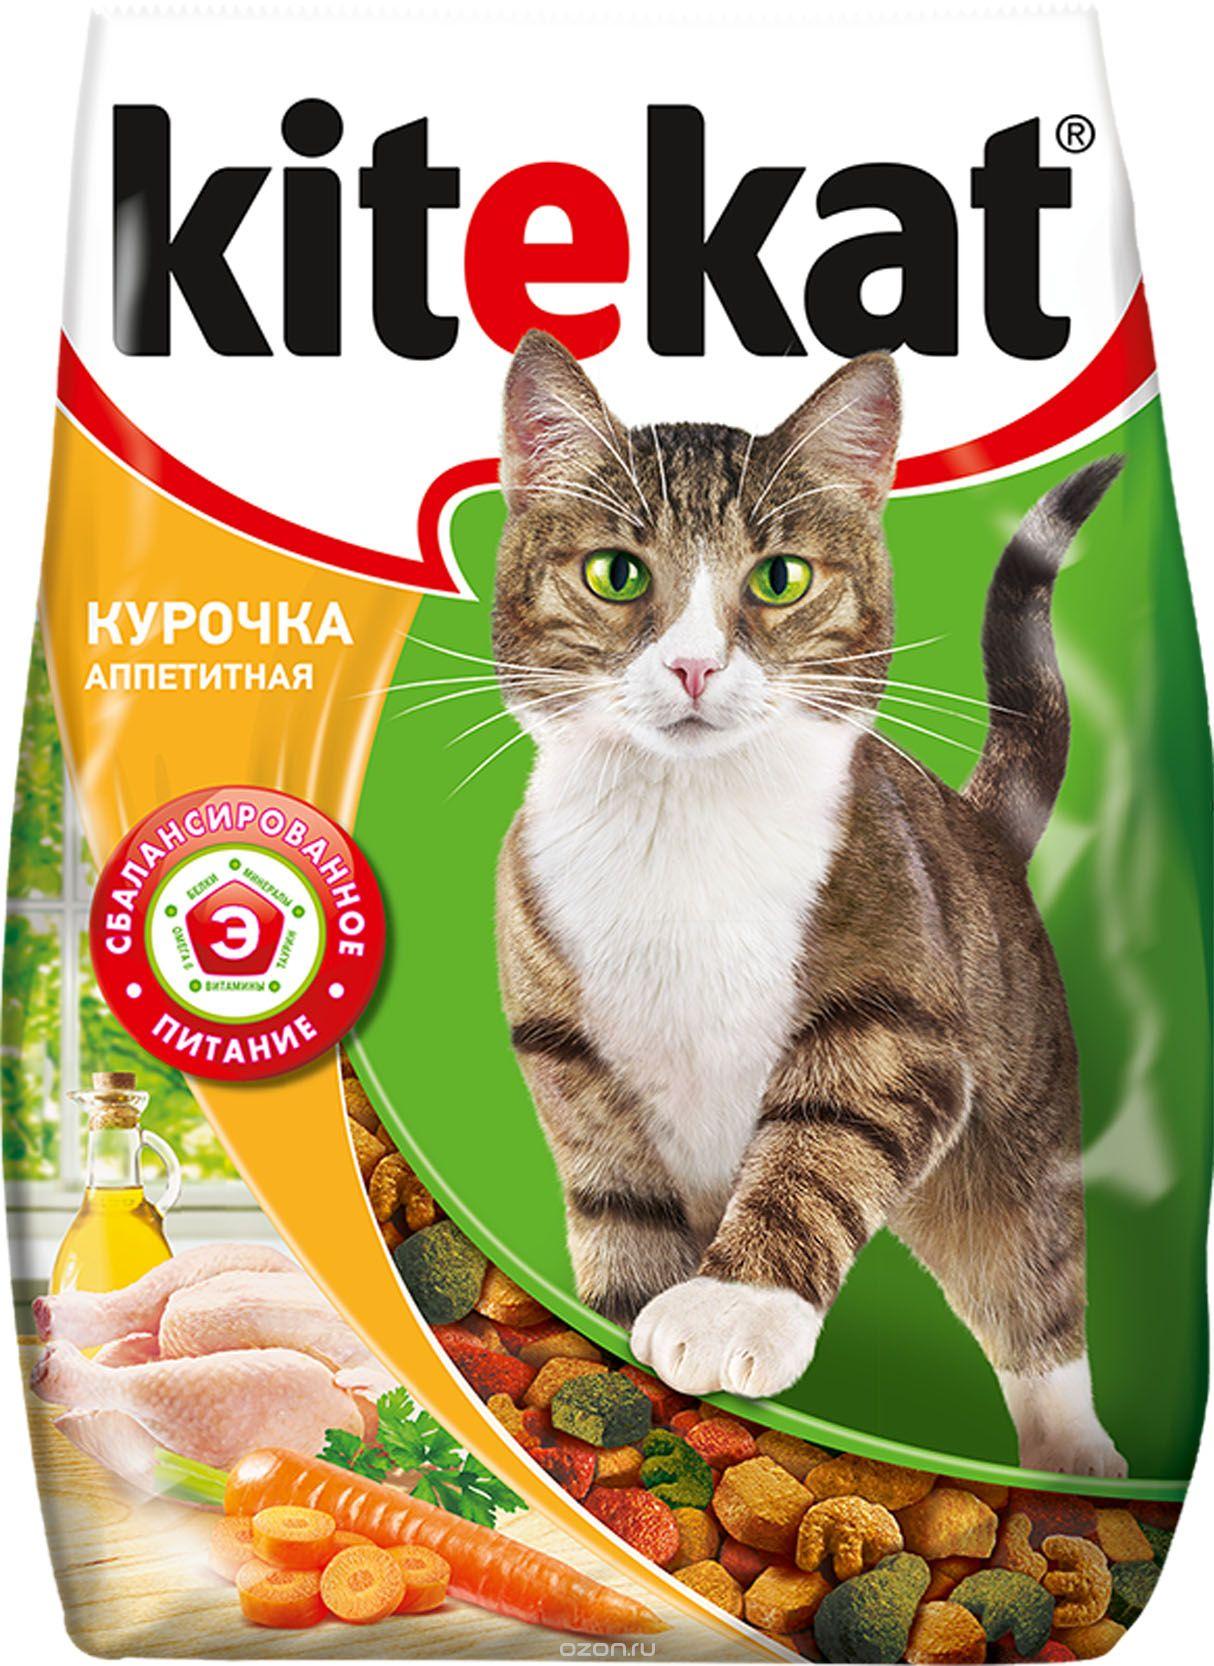 Сухой корм для кошек Kitekat курочка аппетитная